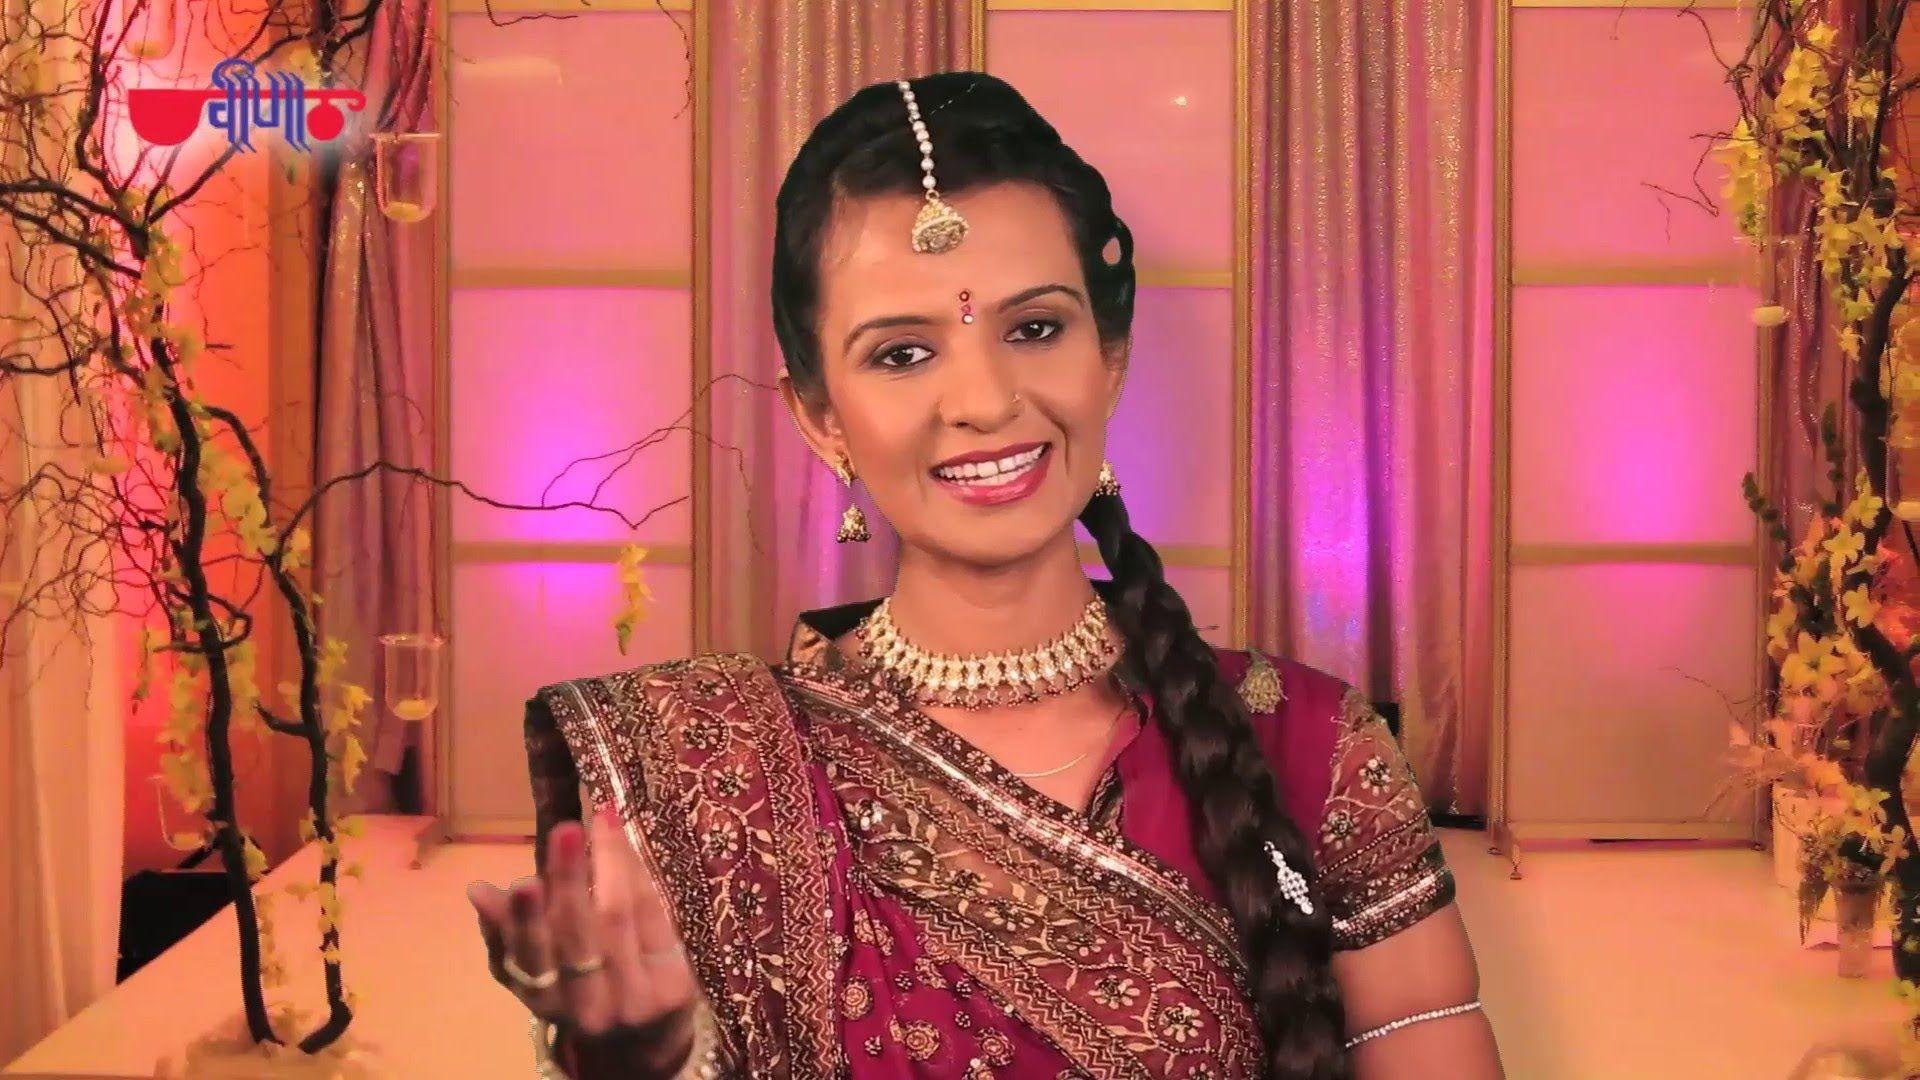 Rajasthani wedding background image